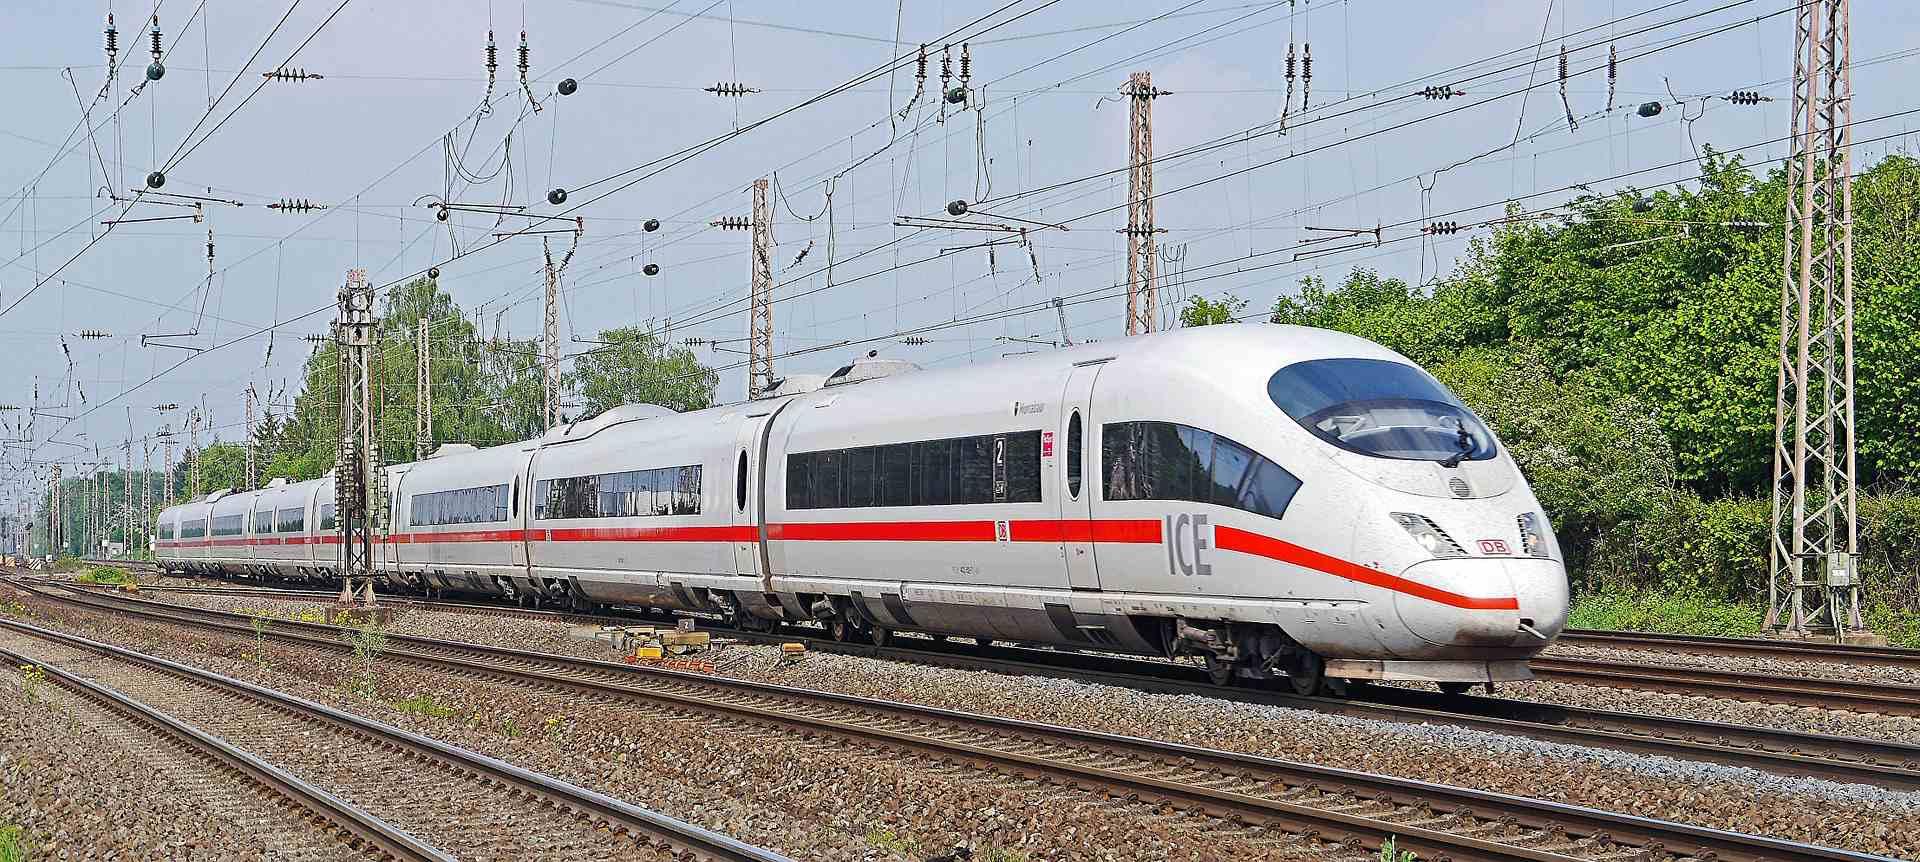 Sparpreis Finder Deutsche Bahn